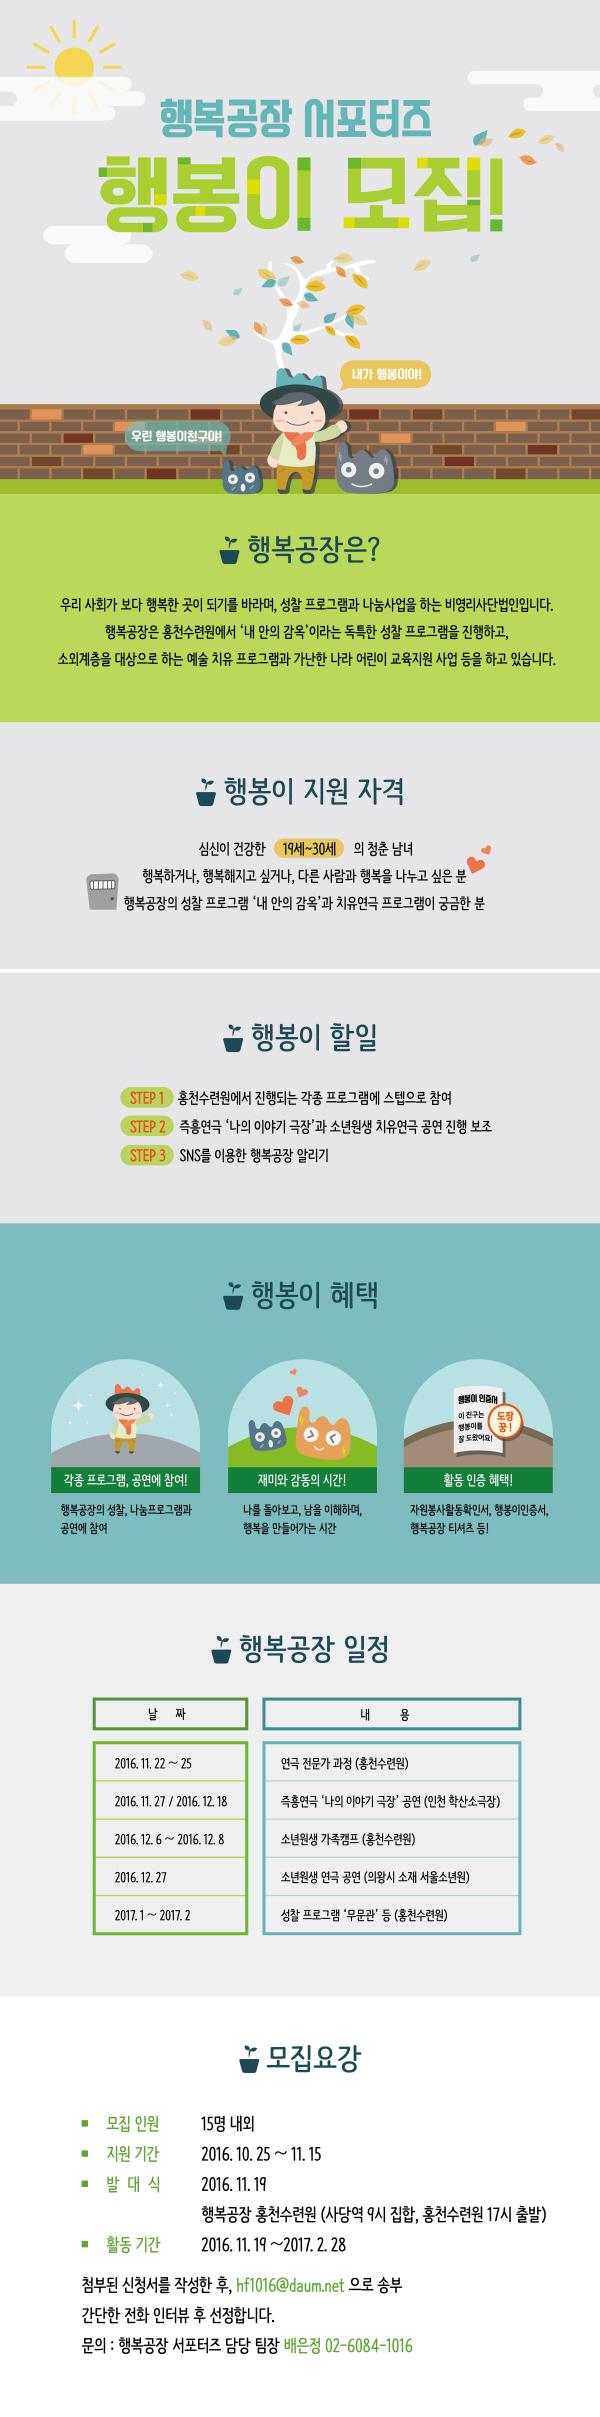 크기변환_행복공장 서포터즈 웹전단(최종).jpg